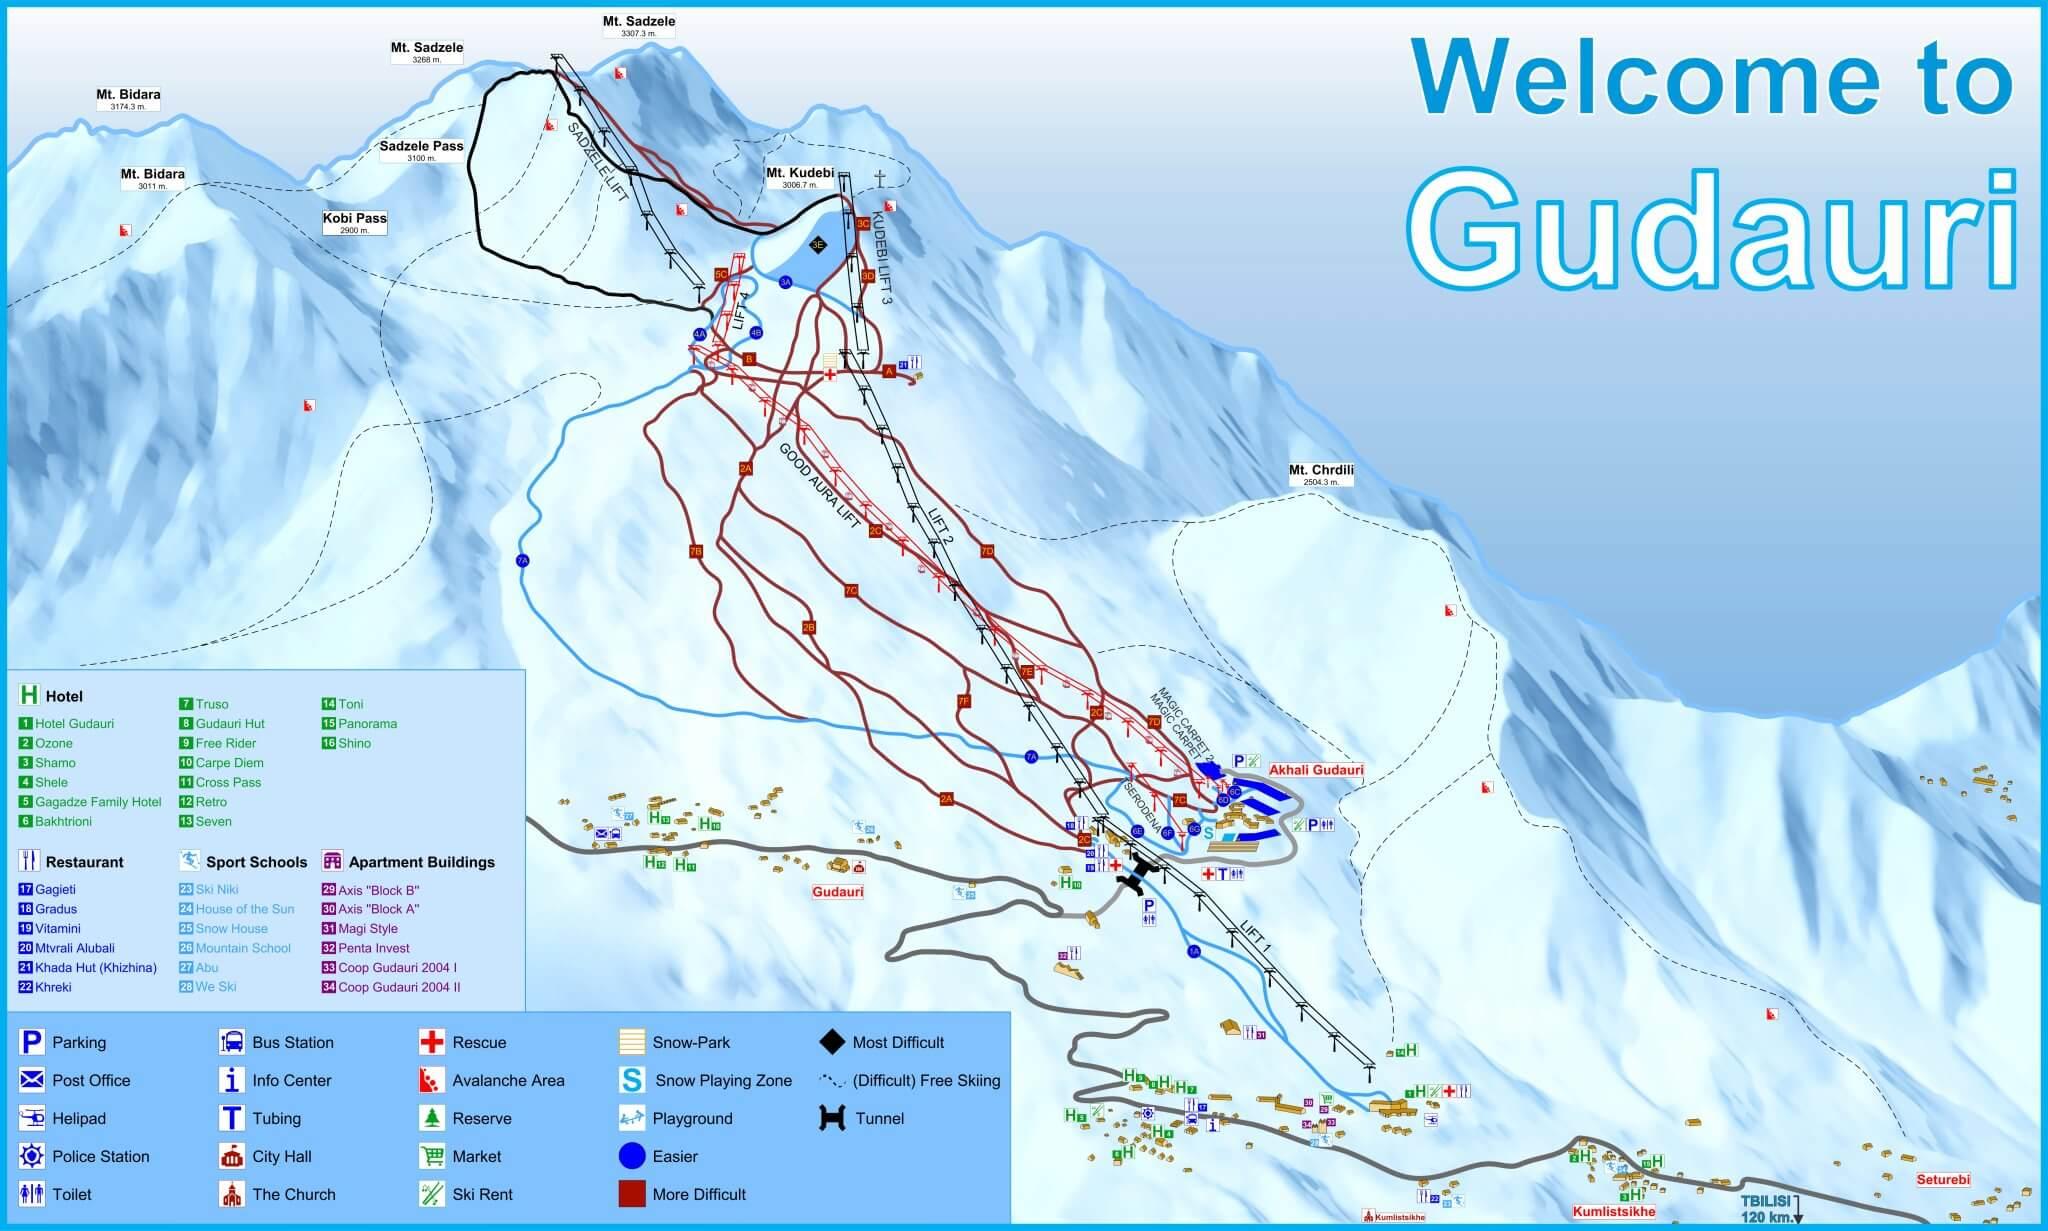 Карта горнолыжных трасс Гудаури